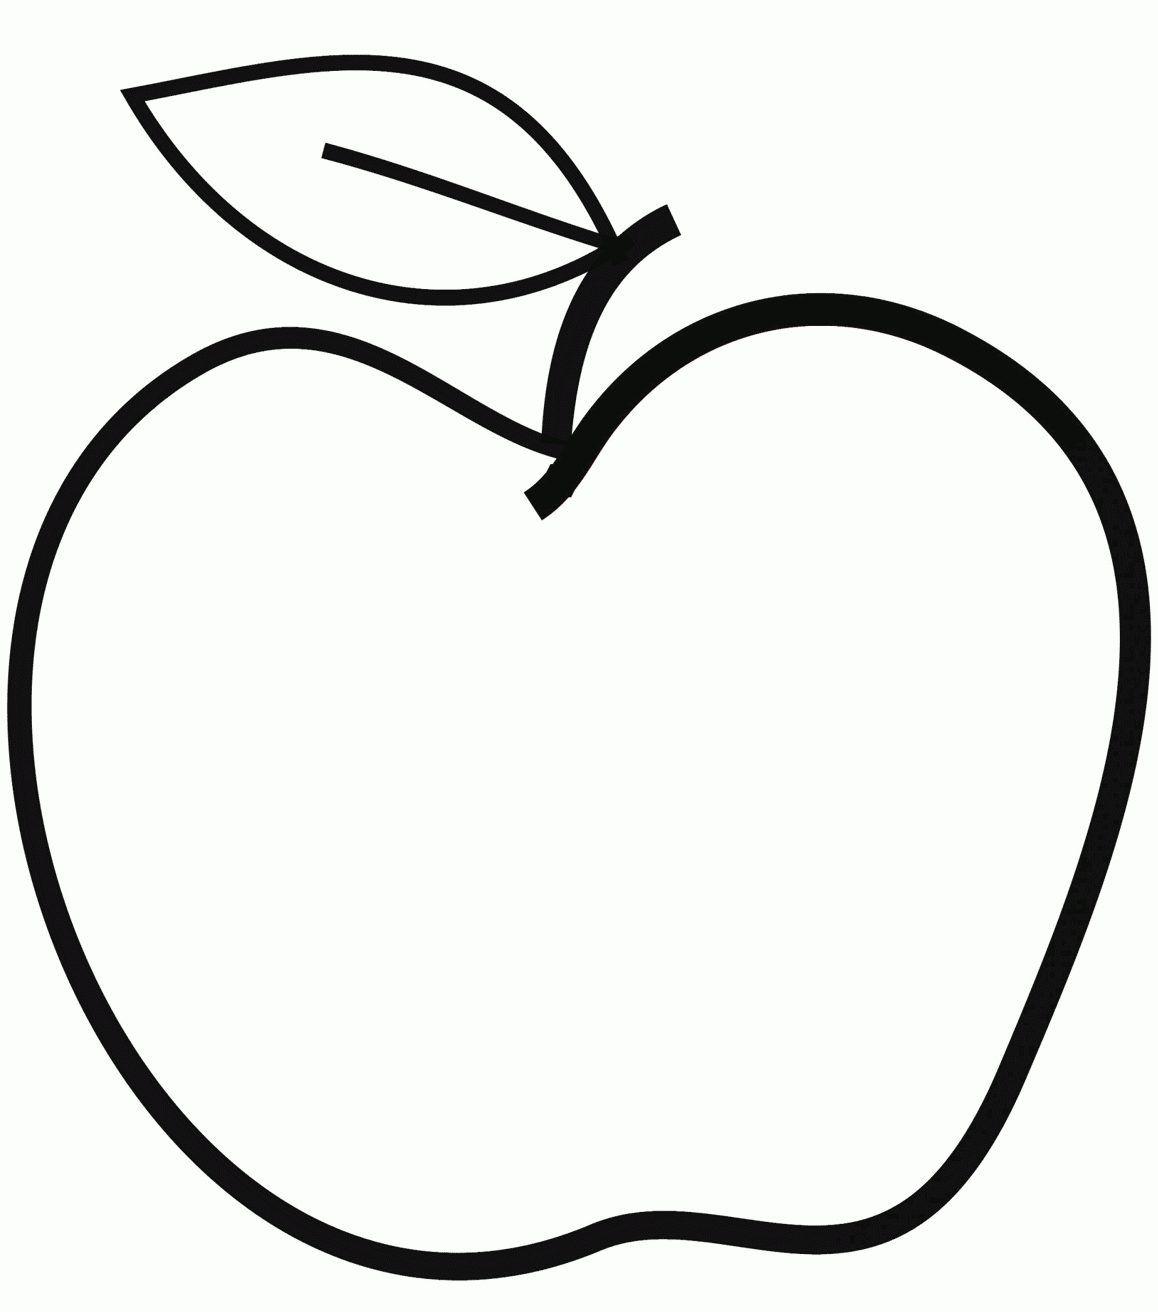 Apfel Bilder Zum Ausdrucken 2938492384234 E1537938370183 Apfel Apple Bilder Color Coloring Bilder Zum Ausdrucken Apfel Bilder Schablonen Zum Ausdrucken